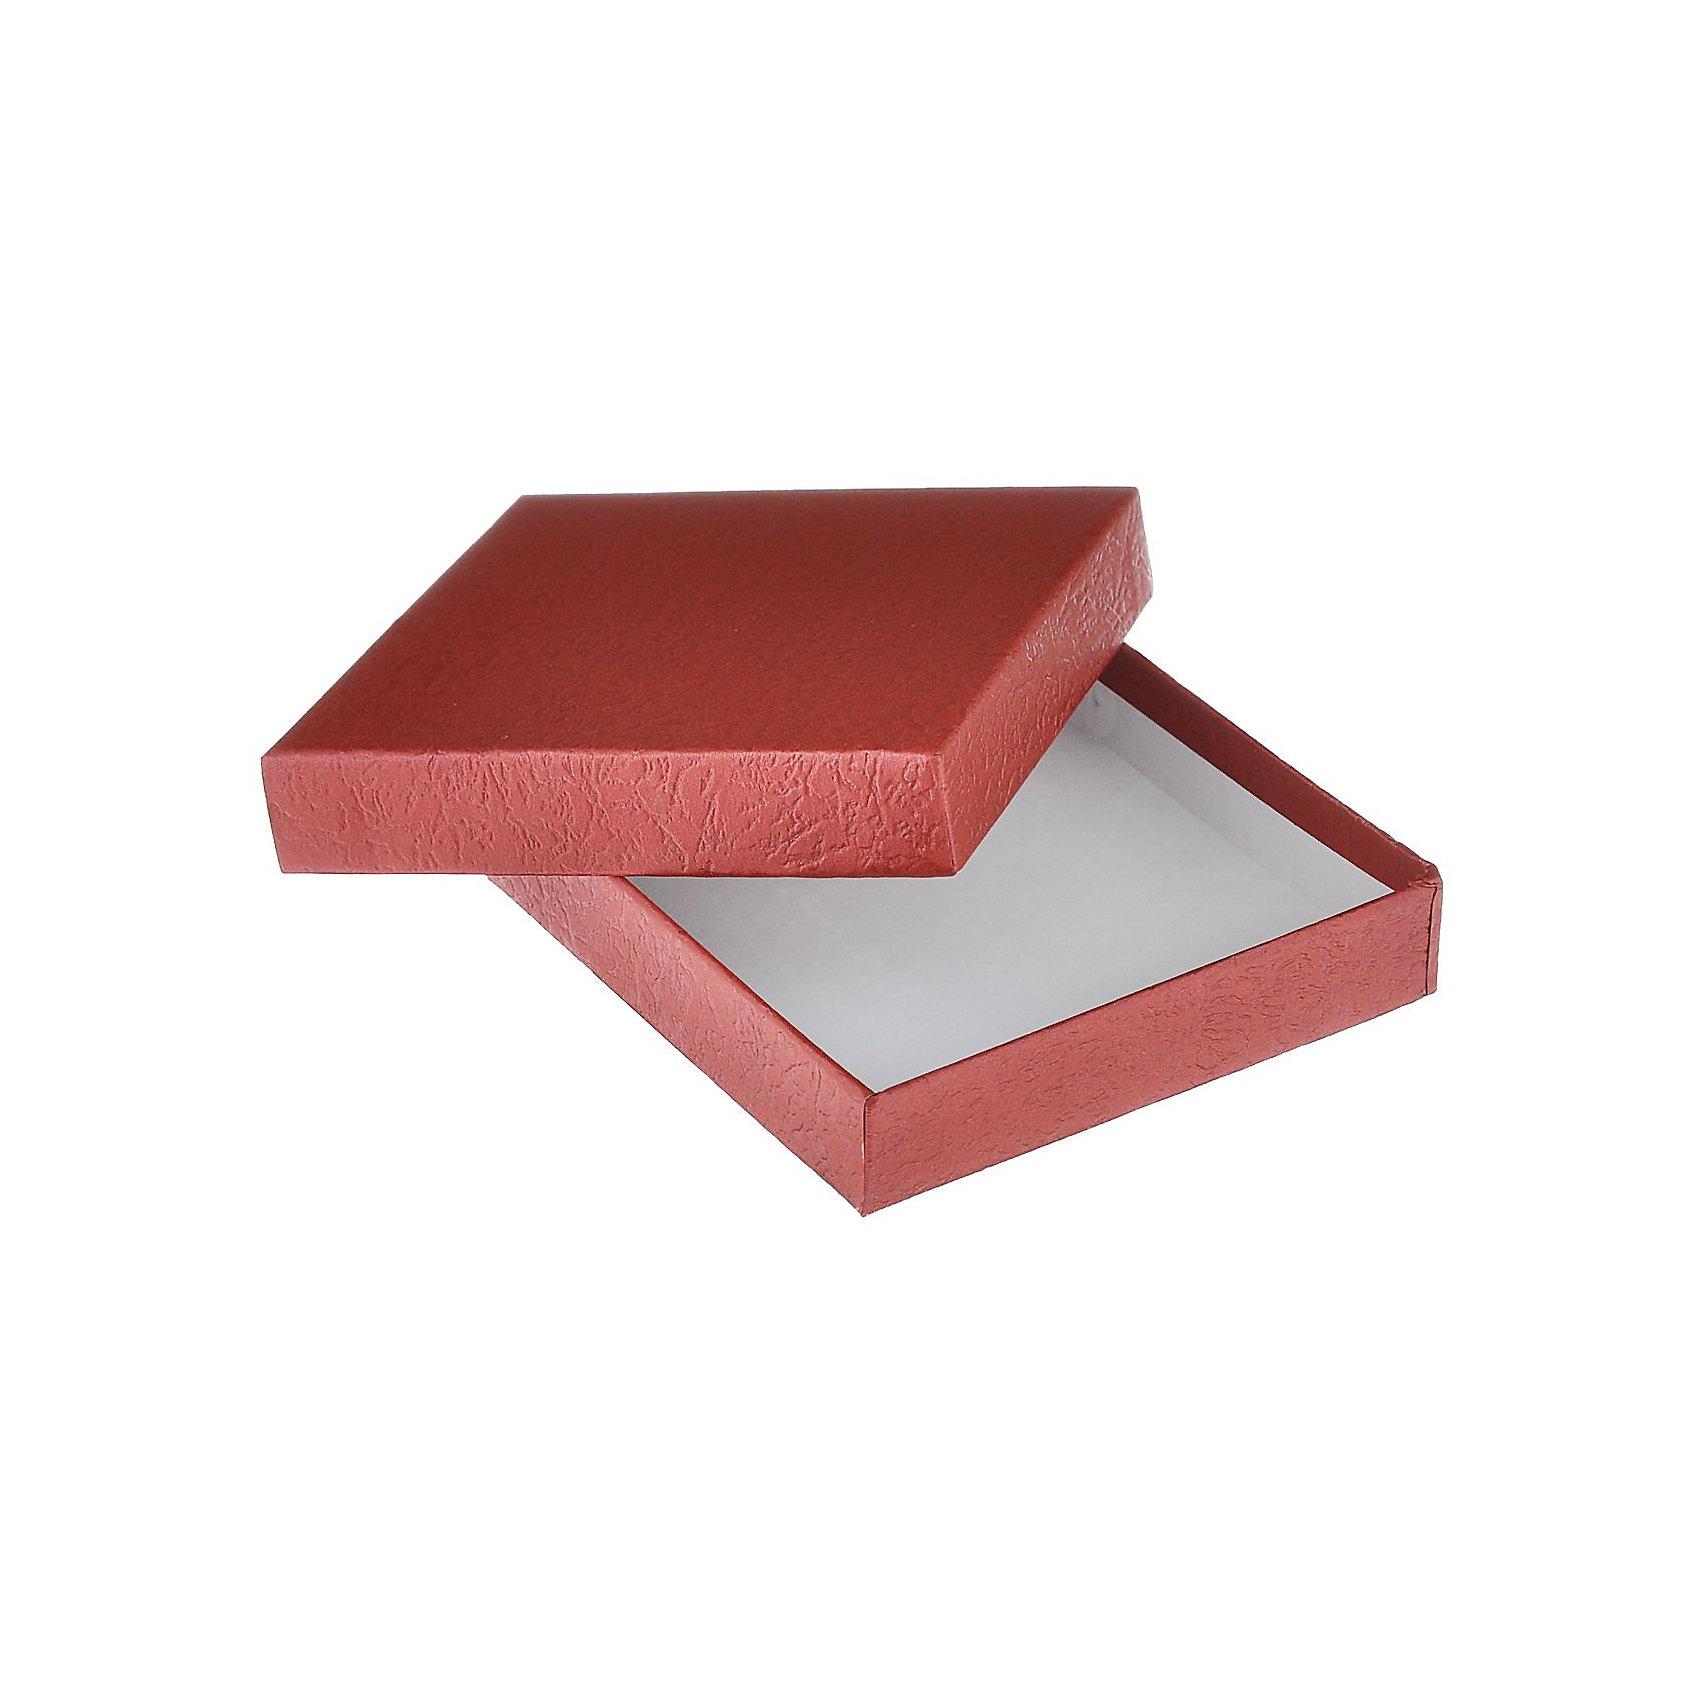 Подарочная коробка АЛЫЙ, Феникс-ПрезентДетские подарочные коробки<br>Подарочная коробка АЛЫЙ, Феникс-Презент<br><br>Характеристики:<br><br>• практичная коробка для подарков и хранения<br>• изготовлена из мелованного негофрированного картона<br>• размер: 9х9х2 см<br>• цвет: алый<br><br>Подарочная коробка АЛЫЙ очень удобная и практичная. Она отлично подойдет как для упаковки подарка, так и для хранения различных безделушек. Коробка изготовлена из прочного мелованного картона. Такая упаковка поднимет настроение и создаст атмосферу праздника!<br><br>Подарочную коробку АЛЫЙ, Феникс-Презент можно купить в нашем интернет-магазине.<br><br>Ширина мм: 90<br>Глубина мм: 90<br>Высота мм: 20<br>Вес г: 250<br>Возраст от месяцев: 36<br>Возраст до месяцев: 2147483647<br>Пол: Унисекс<br>Возраст: Детский<br>SKU: 5449654